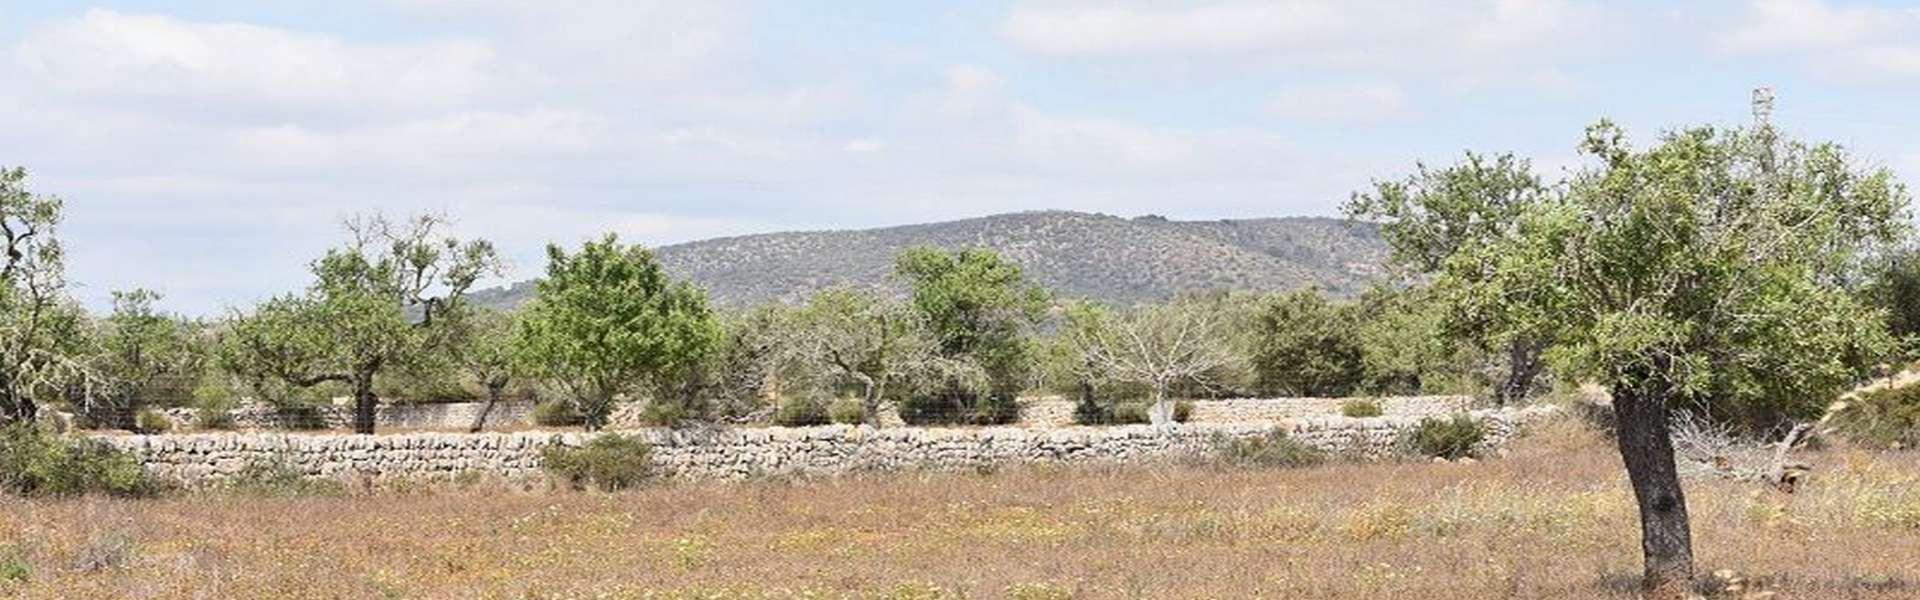 Santanyí - Grundstück mit Bauprojekt in schöner Lage